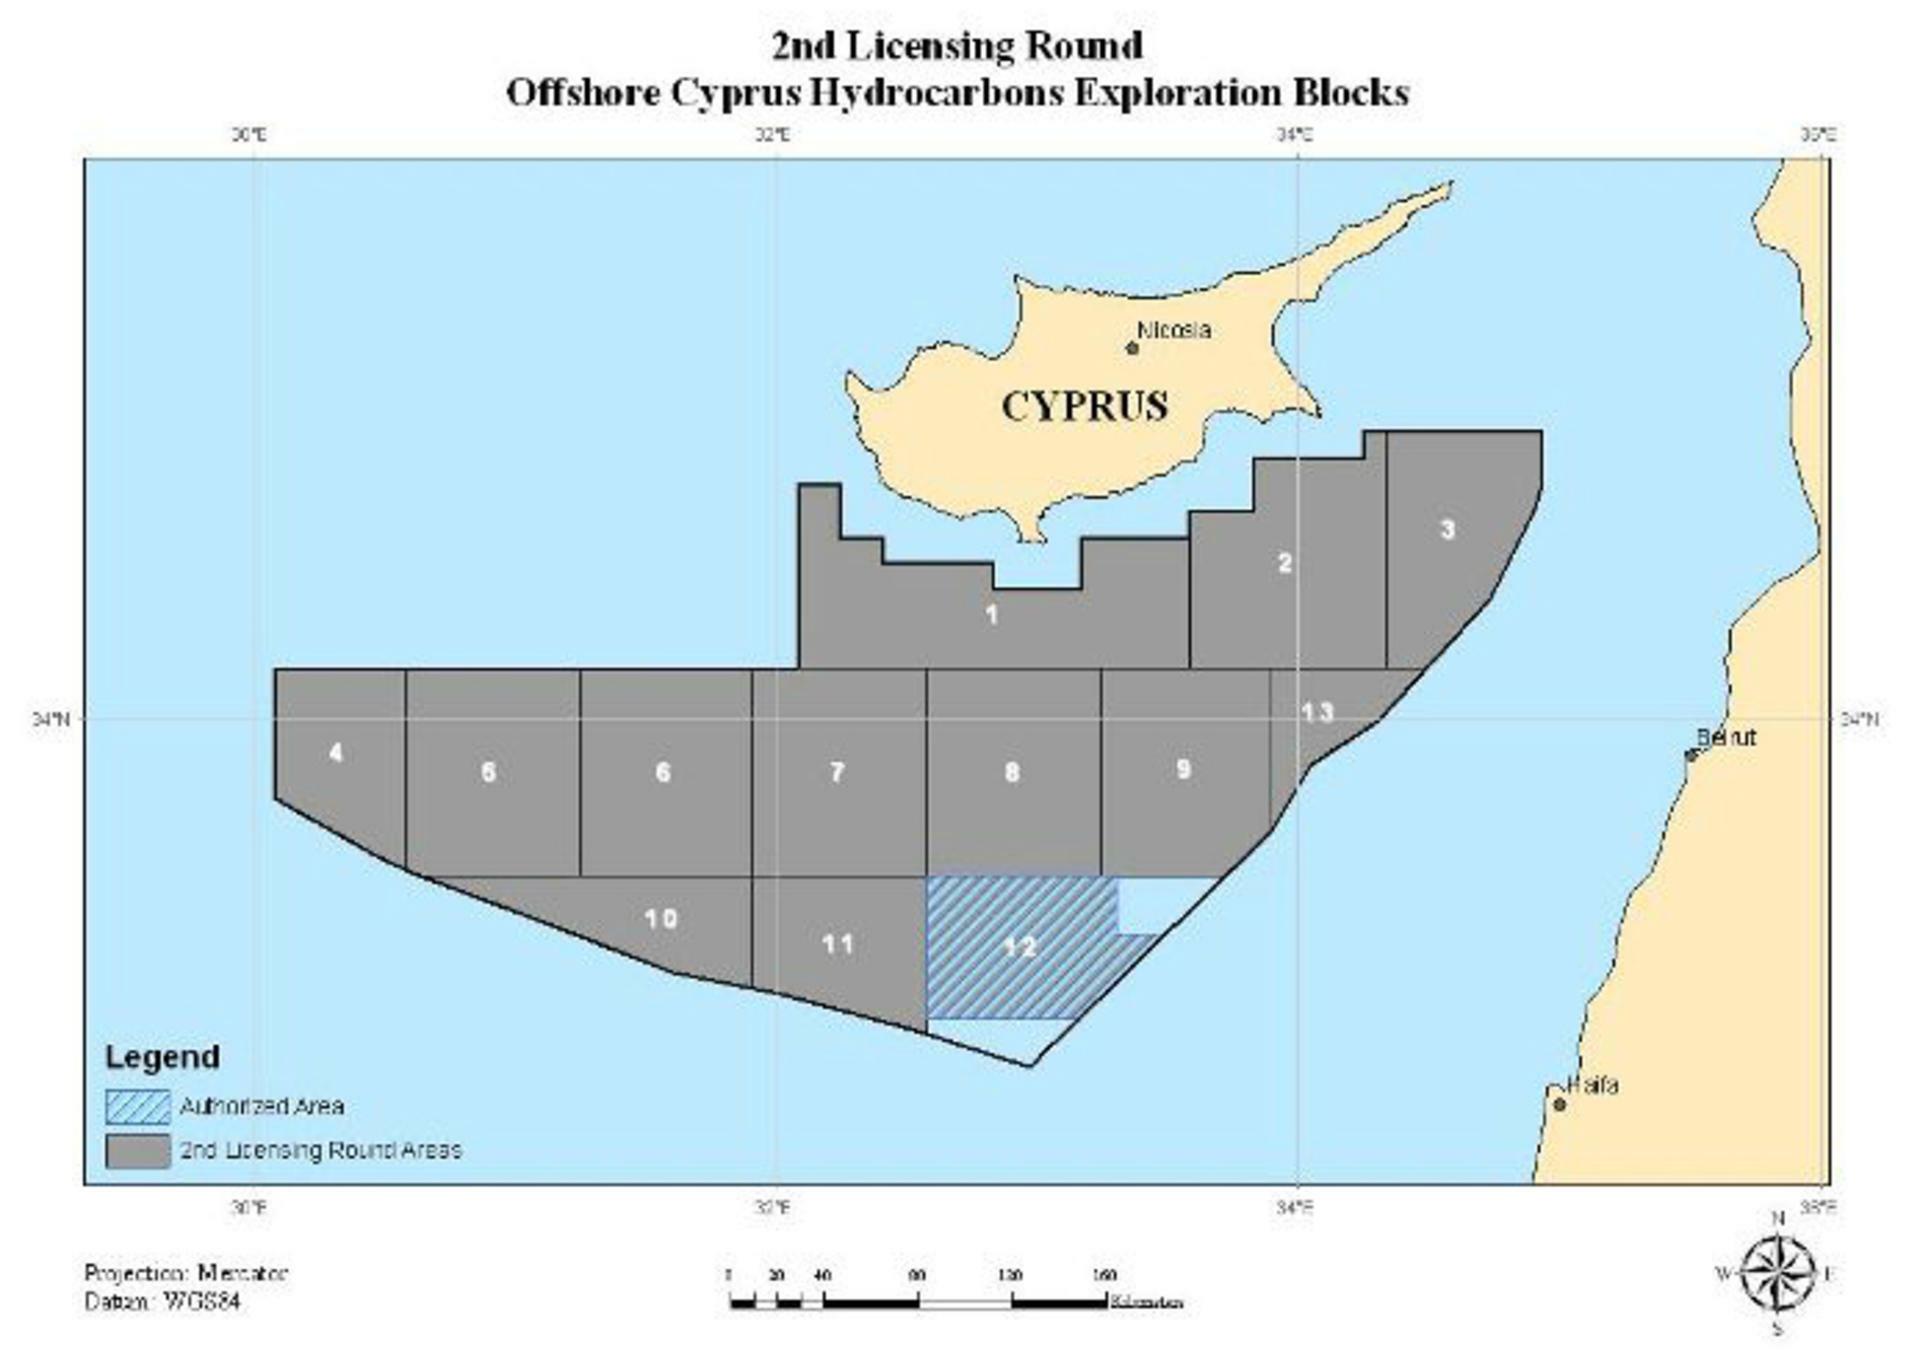 Vor den Küsten Zyperns liegen die Bodenschätze. Quelle: Ministerium für Handel, Industrie und Tourismus (MCIT) der Repub